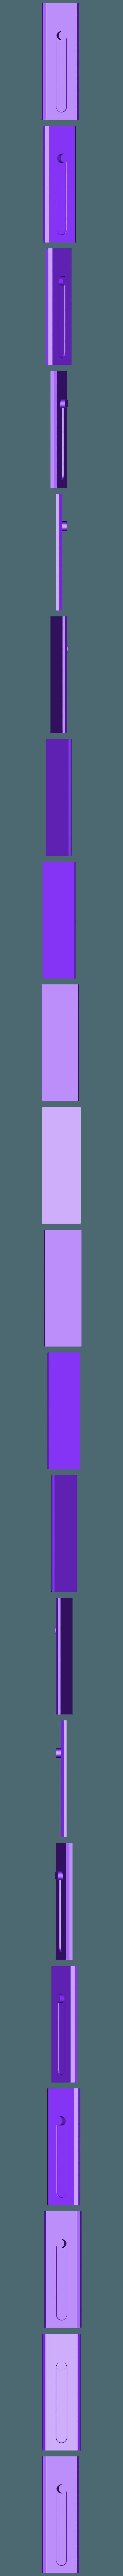 topcover.stl Télécharger fichier STL gratuit POIGNÉE Warhammer 40K • Modèle pour imprimante 3D, TheTNR